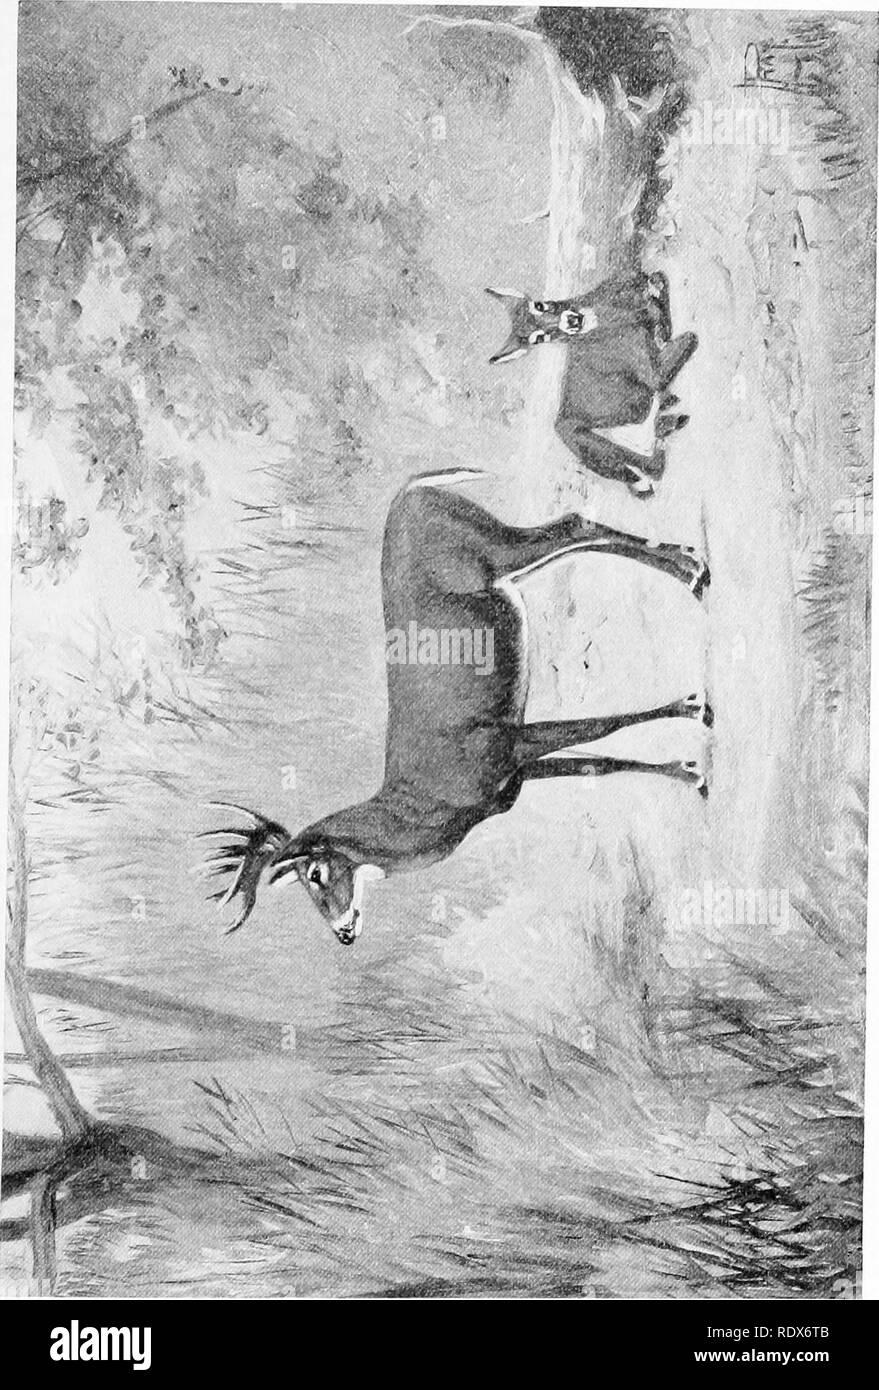 . [Gesammelt Nachdrucke, 1912-1919. Säugetiere; Säugetiere, Vögel. Feb., 1912. Säugetiere von Illinois und Wisconsin - Cory. 61. Bitte beachten Sie, dass diese Bilder sind von der gescannten Seite Bilder, die digital für die Lesbarkeit verbessert haben mögen - Färbung und Aussehen dieser Abbildungen können nicht perfekt dem Original ähneln. extrahiert. Cory, Charles B. (Charles Barney), 1857-1921. , N. n. Stockfoto